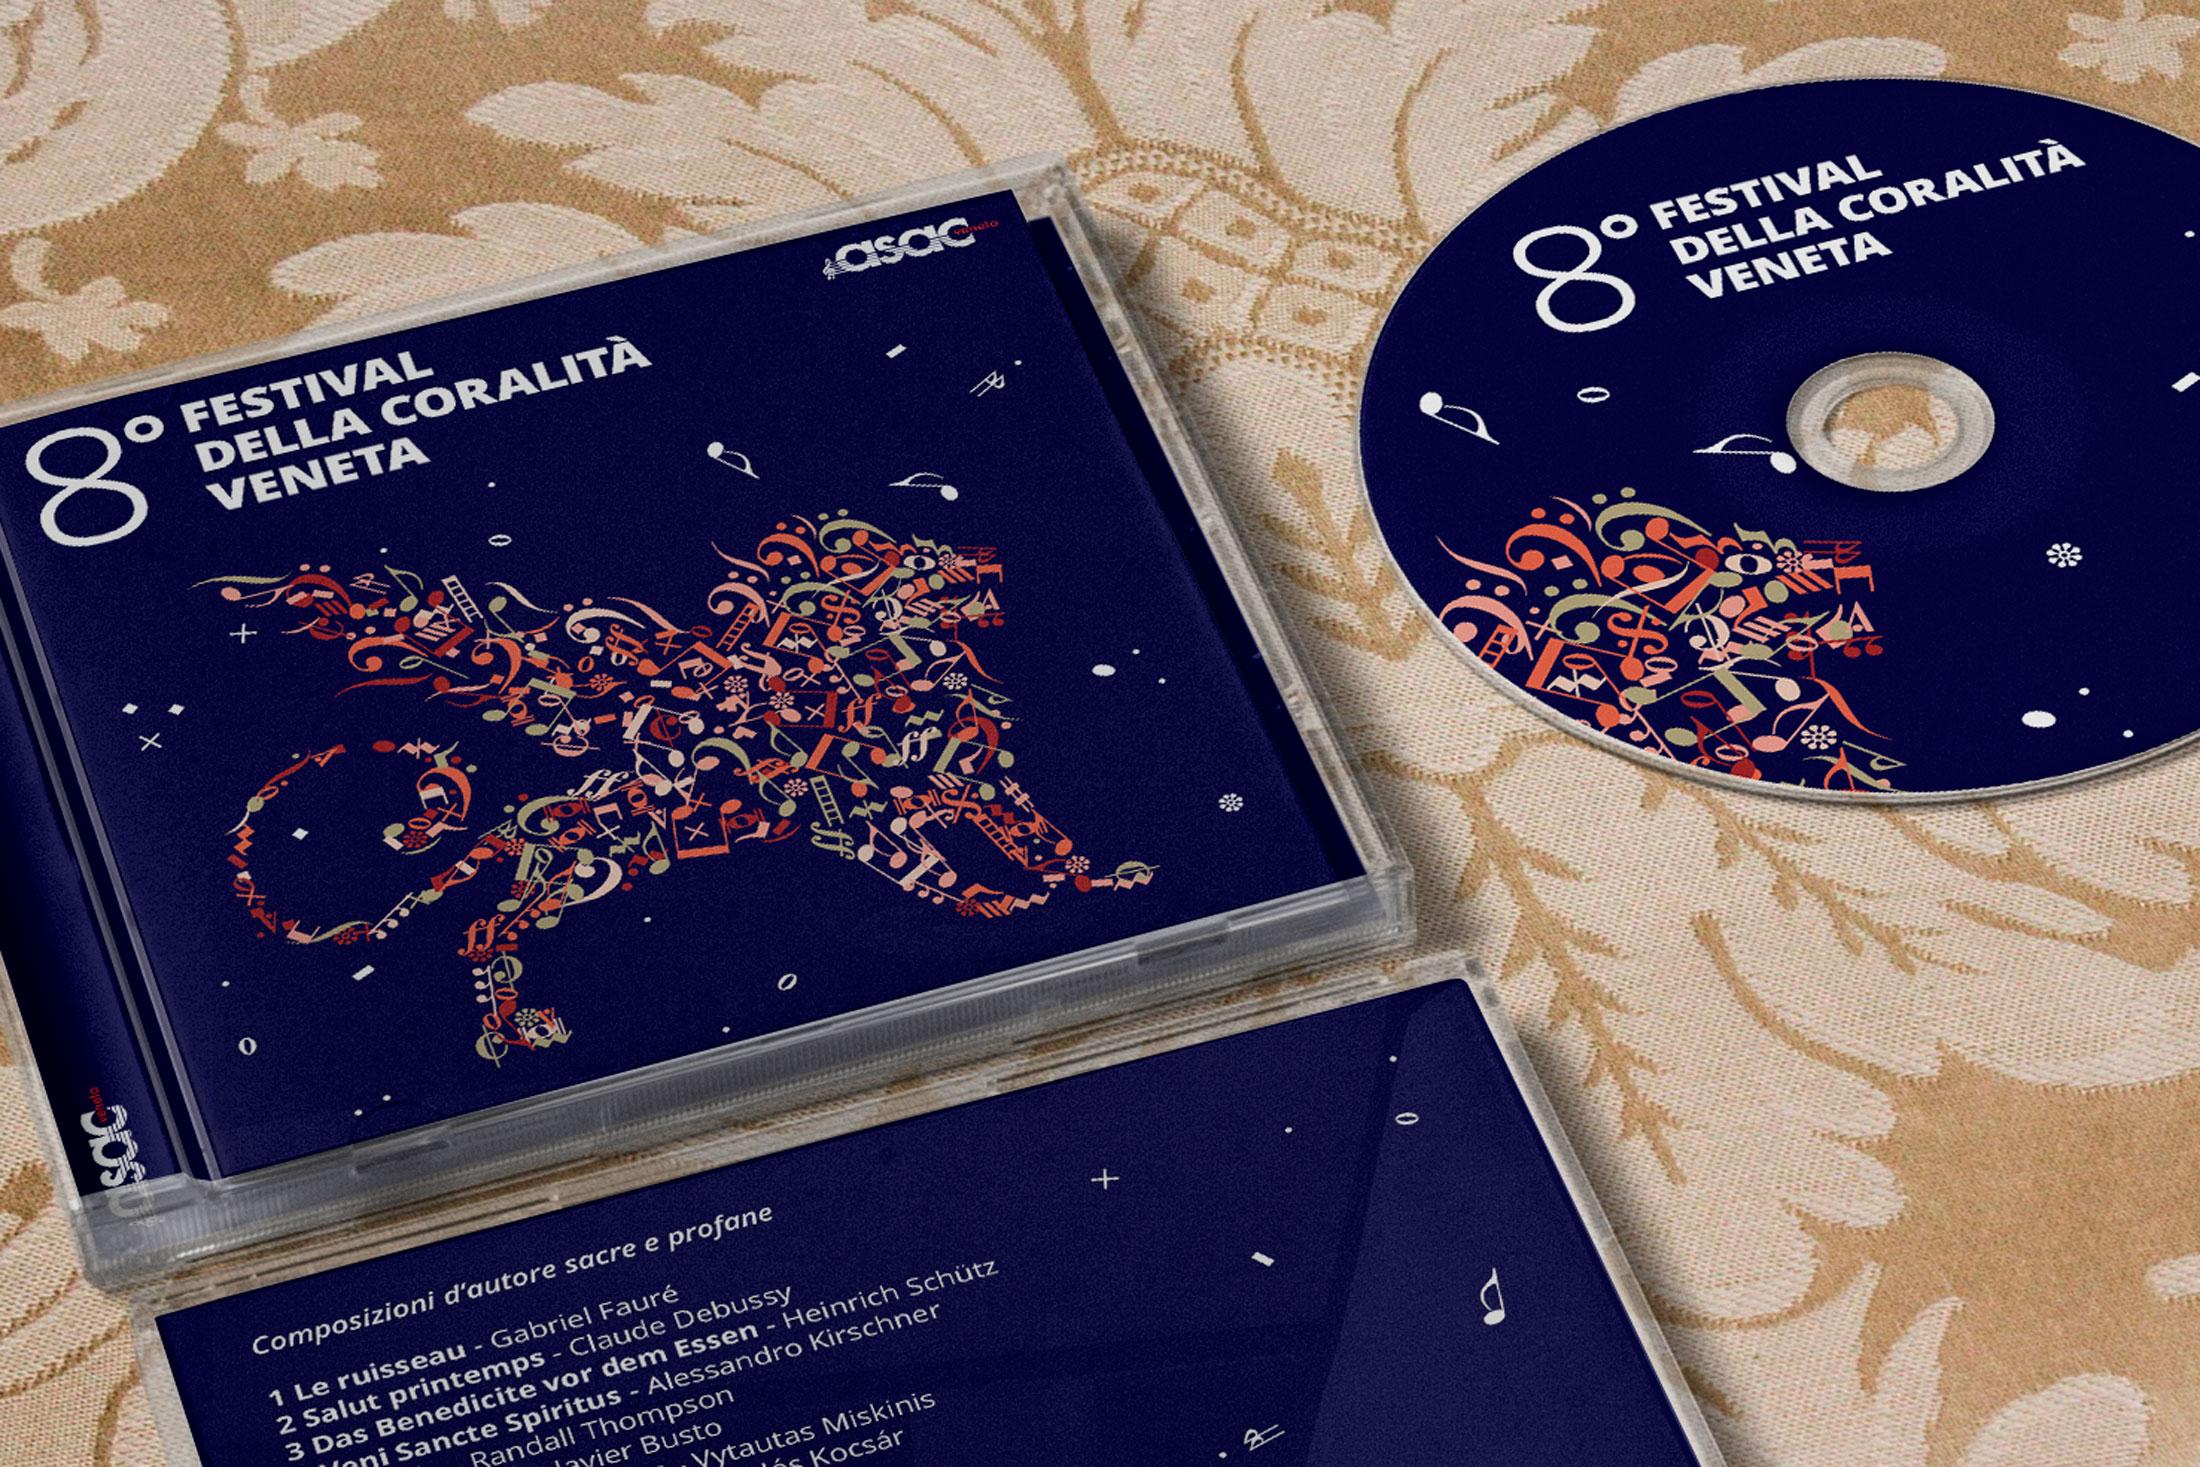 Festival della Coralità Veneta - compact disc